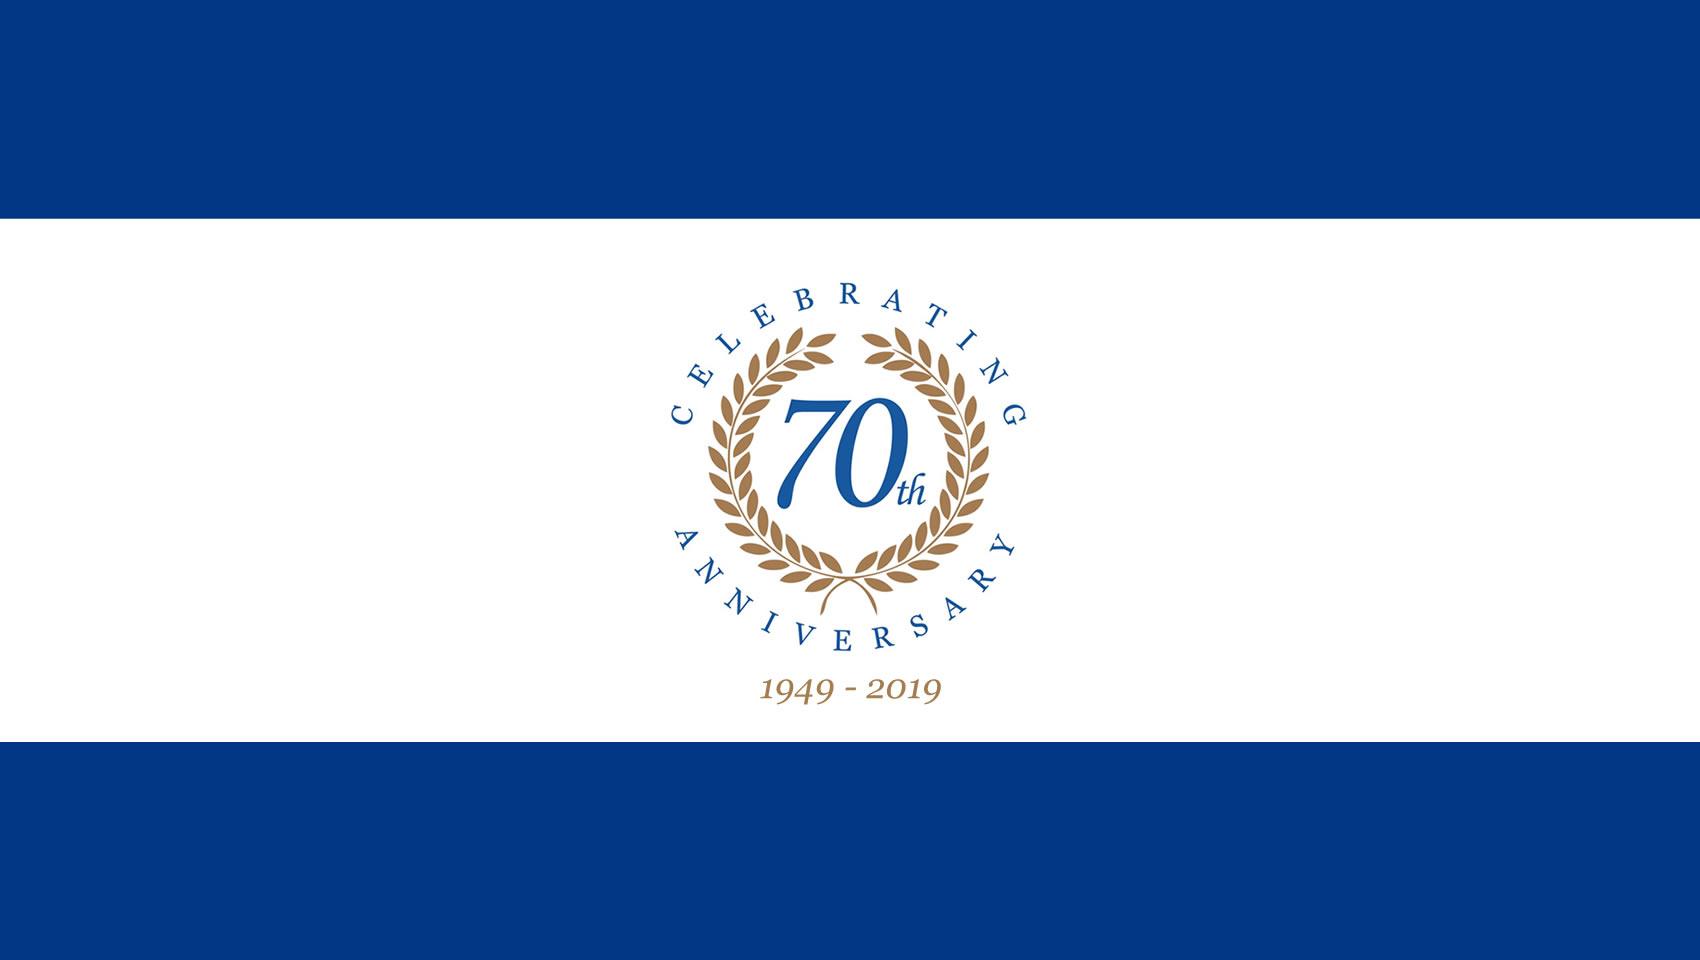 anniversario 70 anni